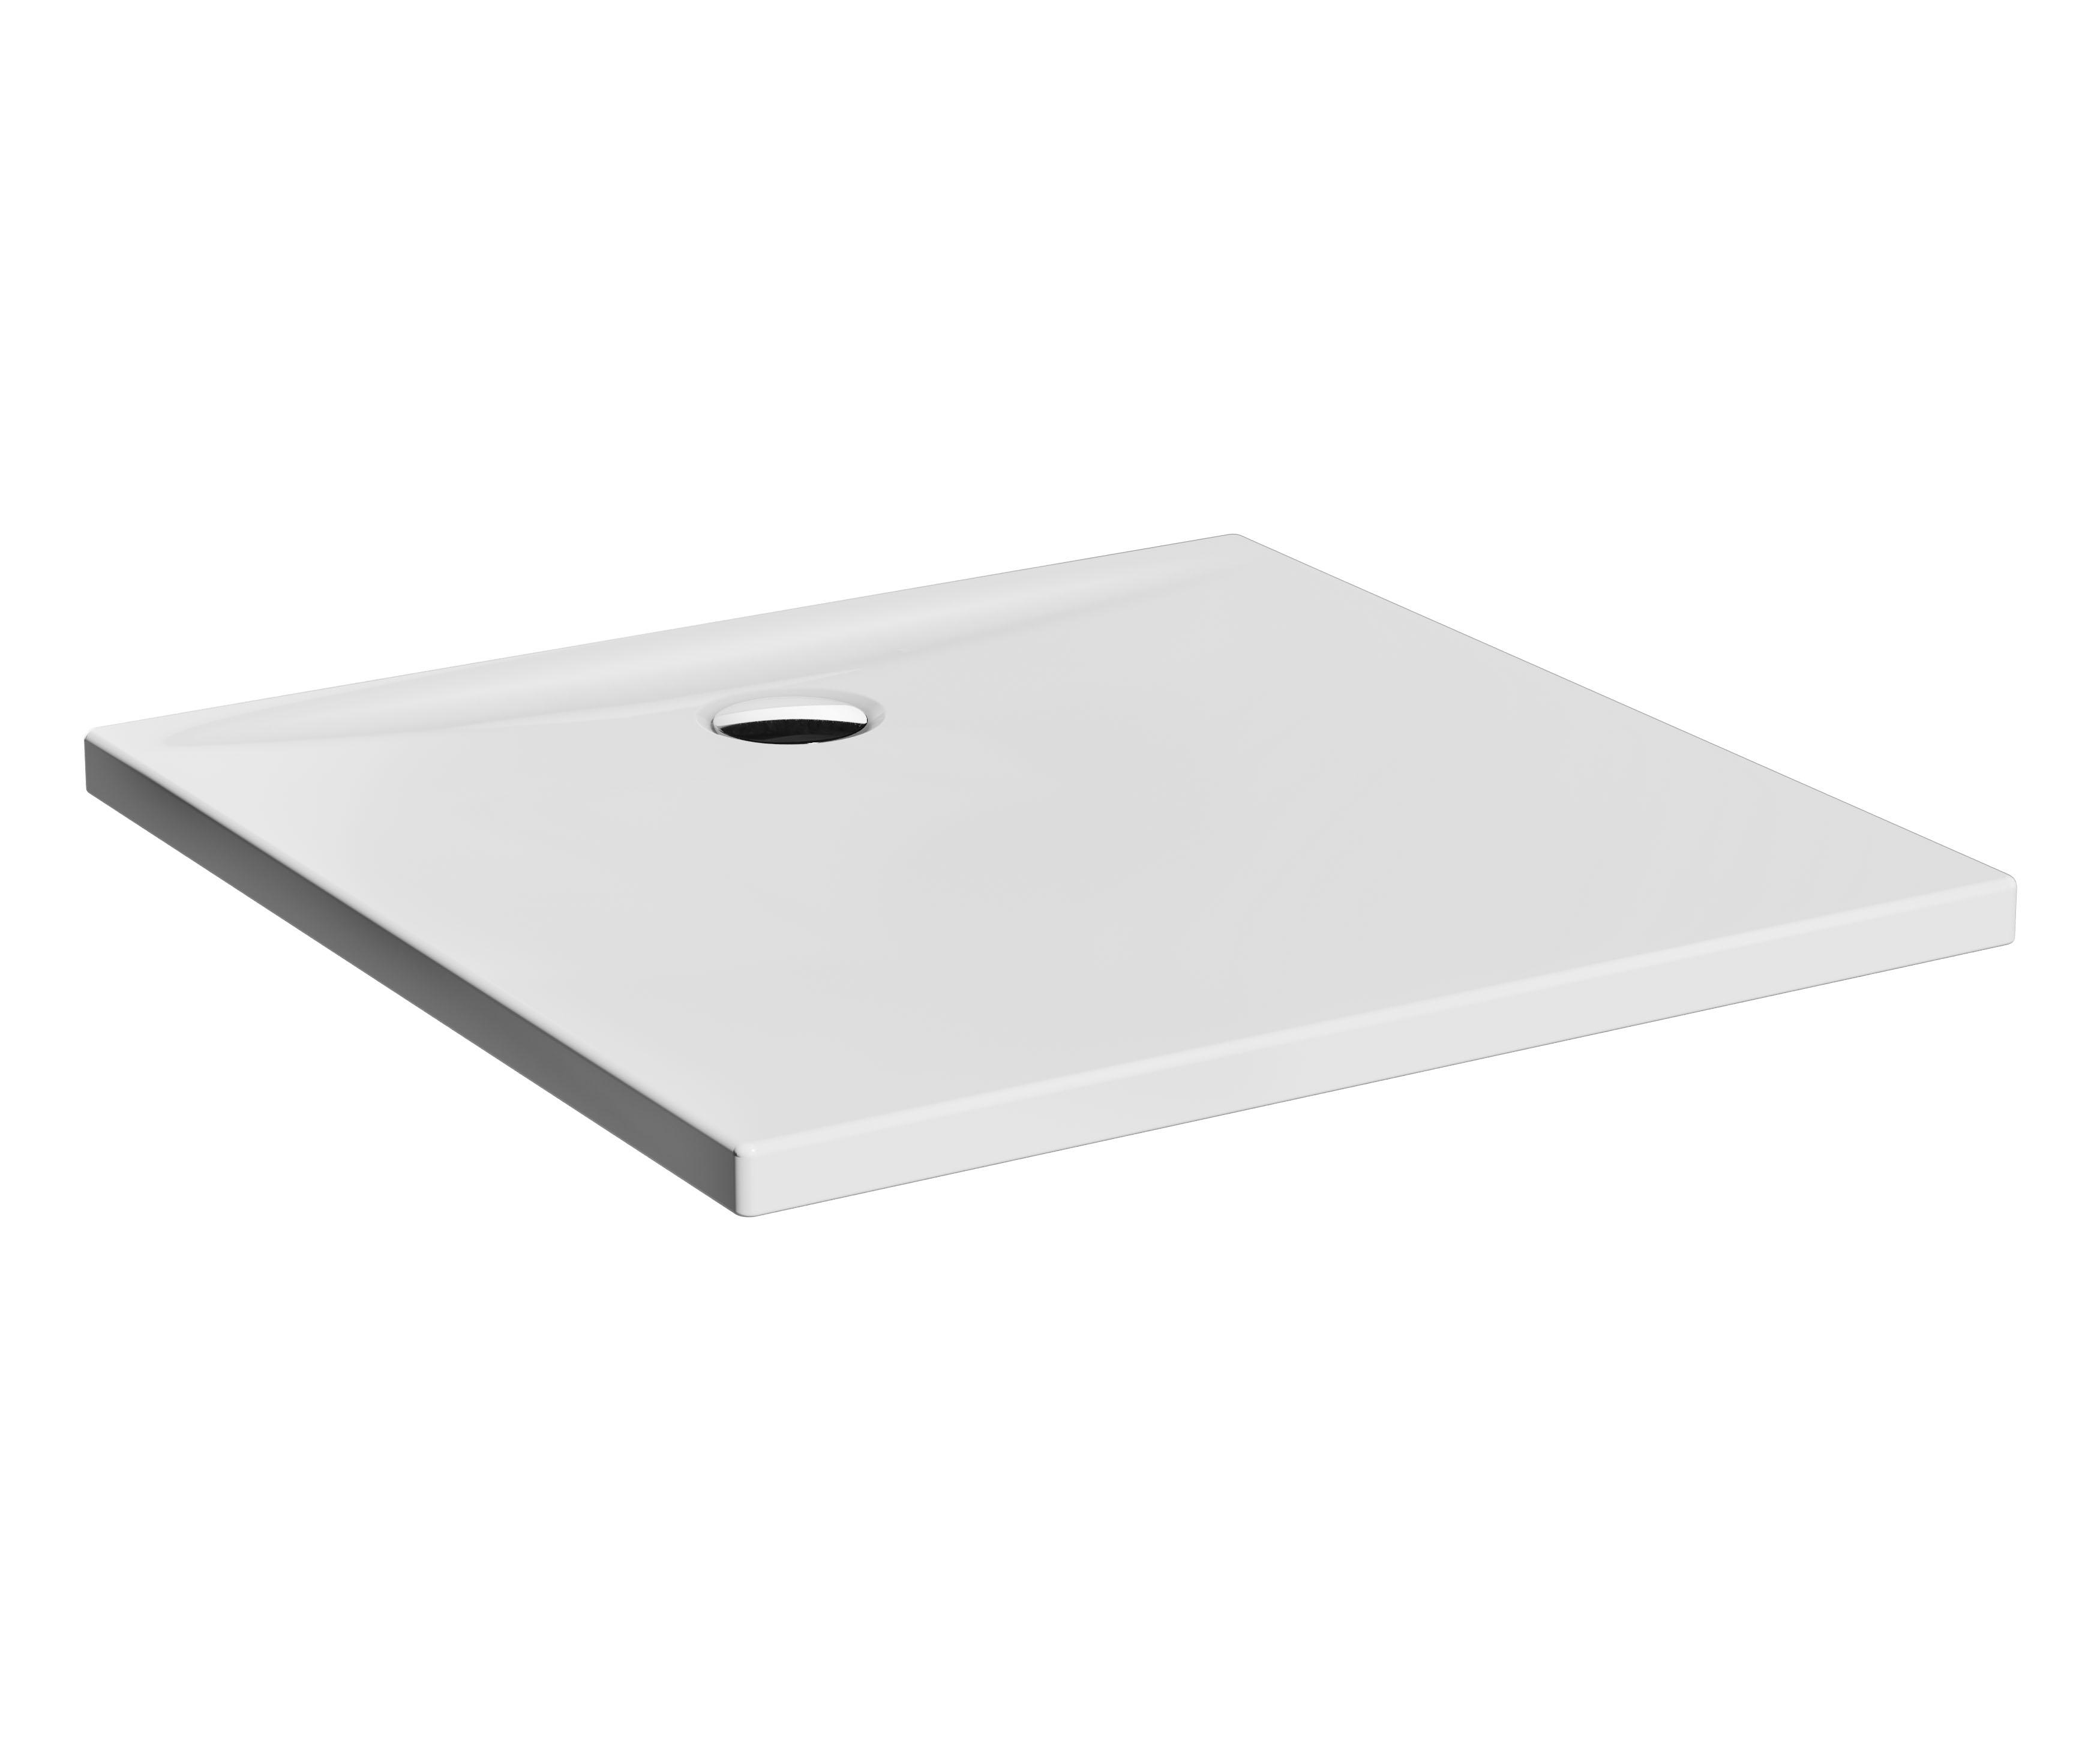 Lagoon receveur ultra plat en céramique, 90 cm, carré, blanc haute brillance